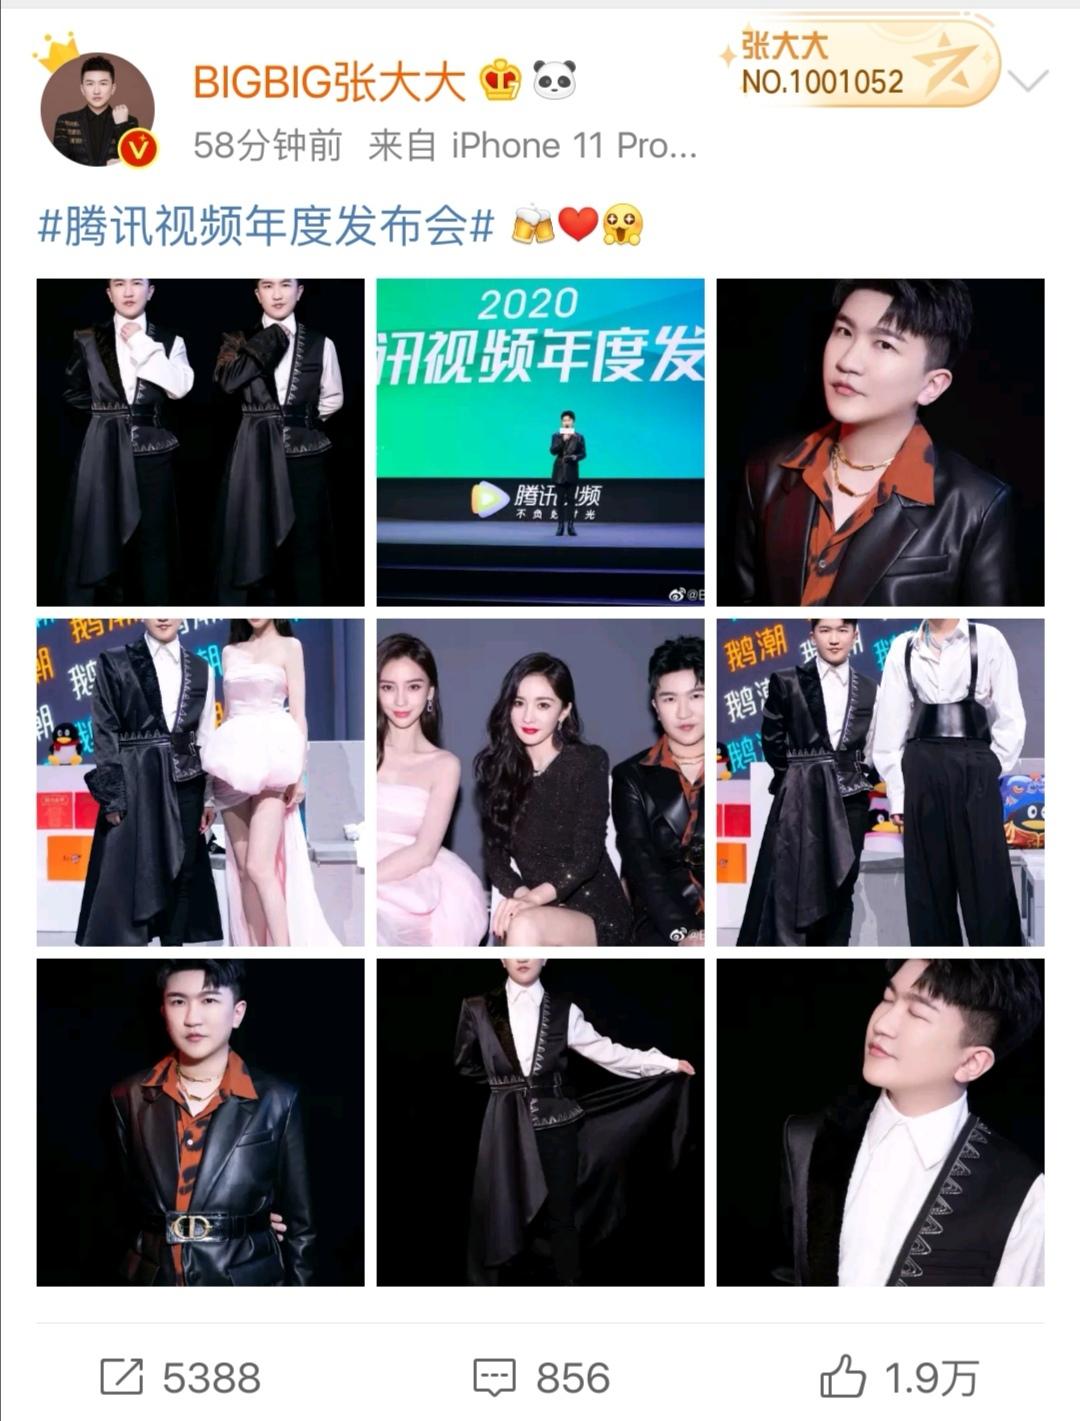 今日张大大微博晒出与杨幂、Angelababy杨颖的活动合影